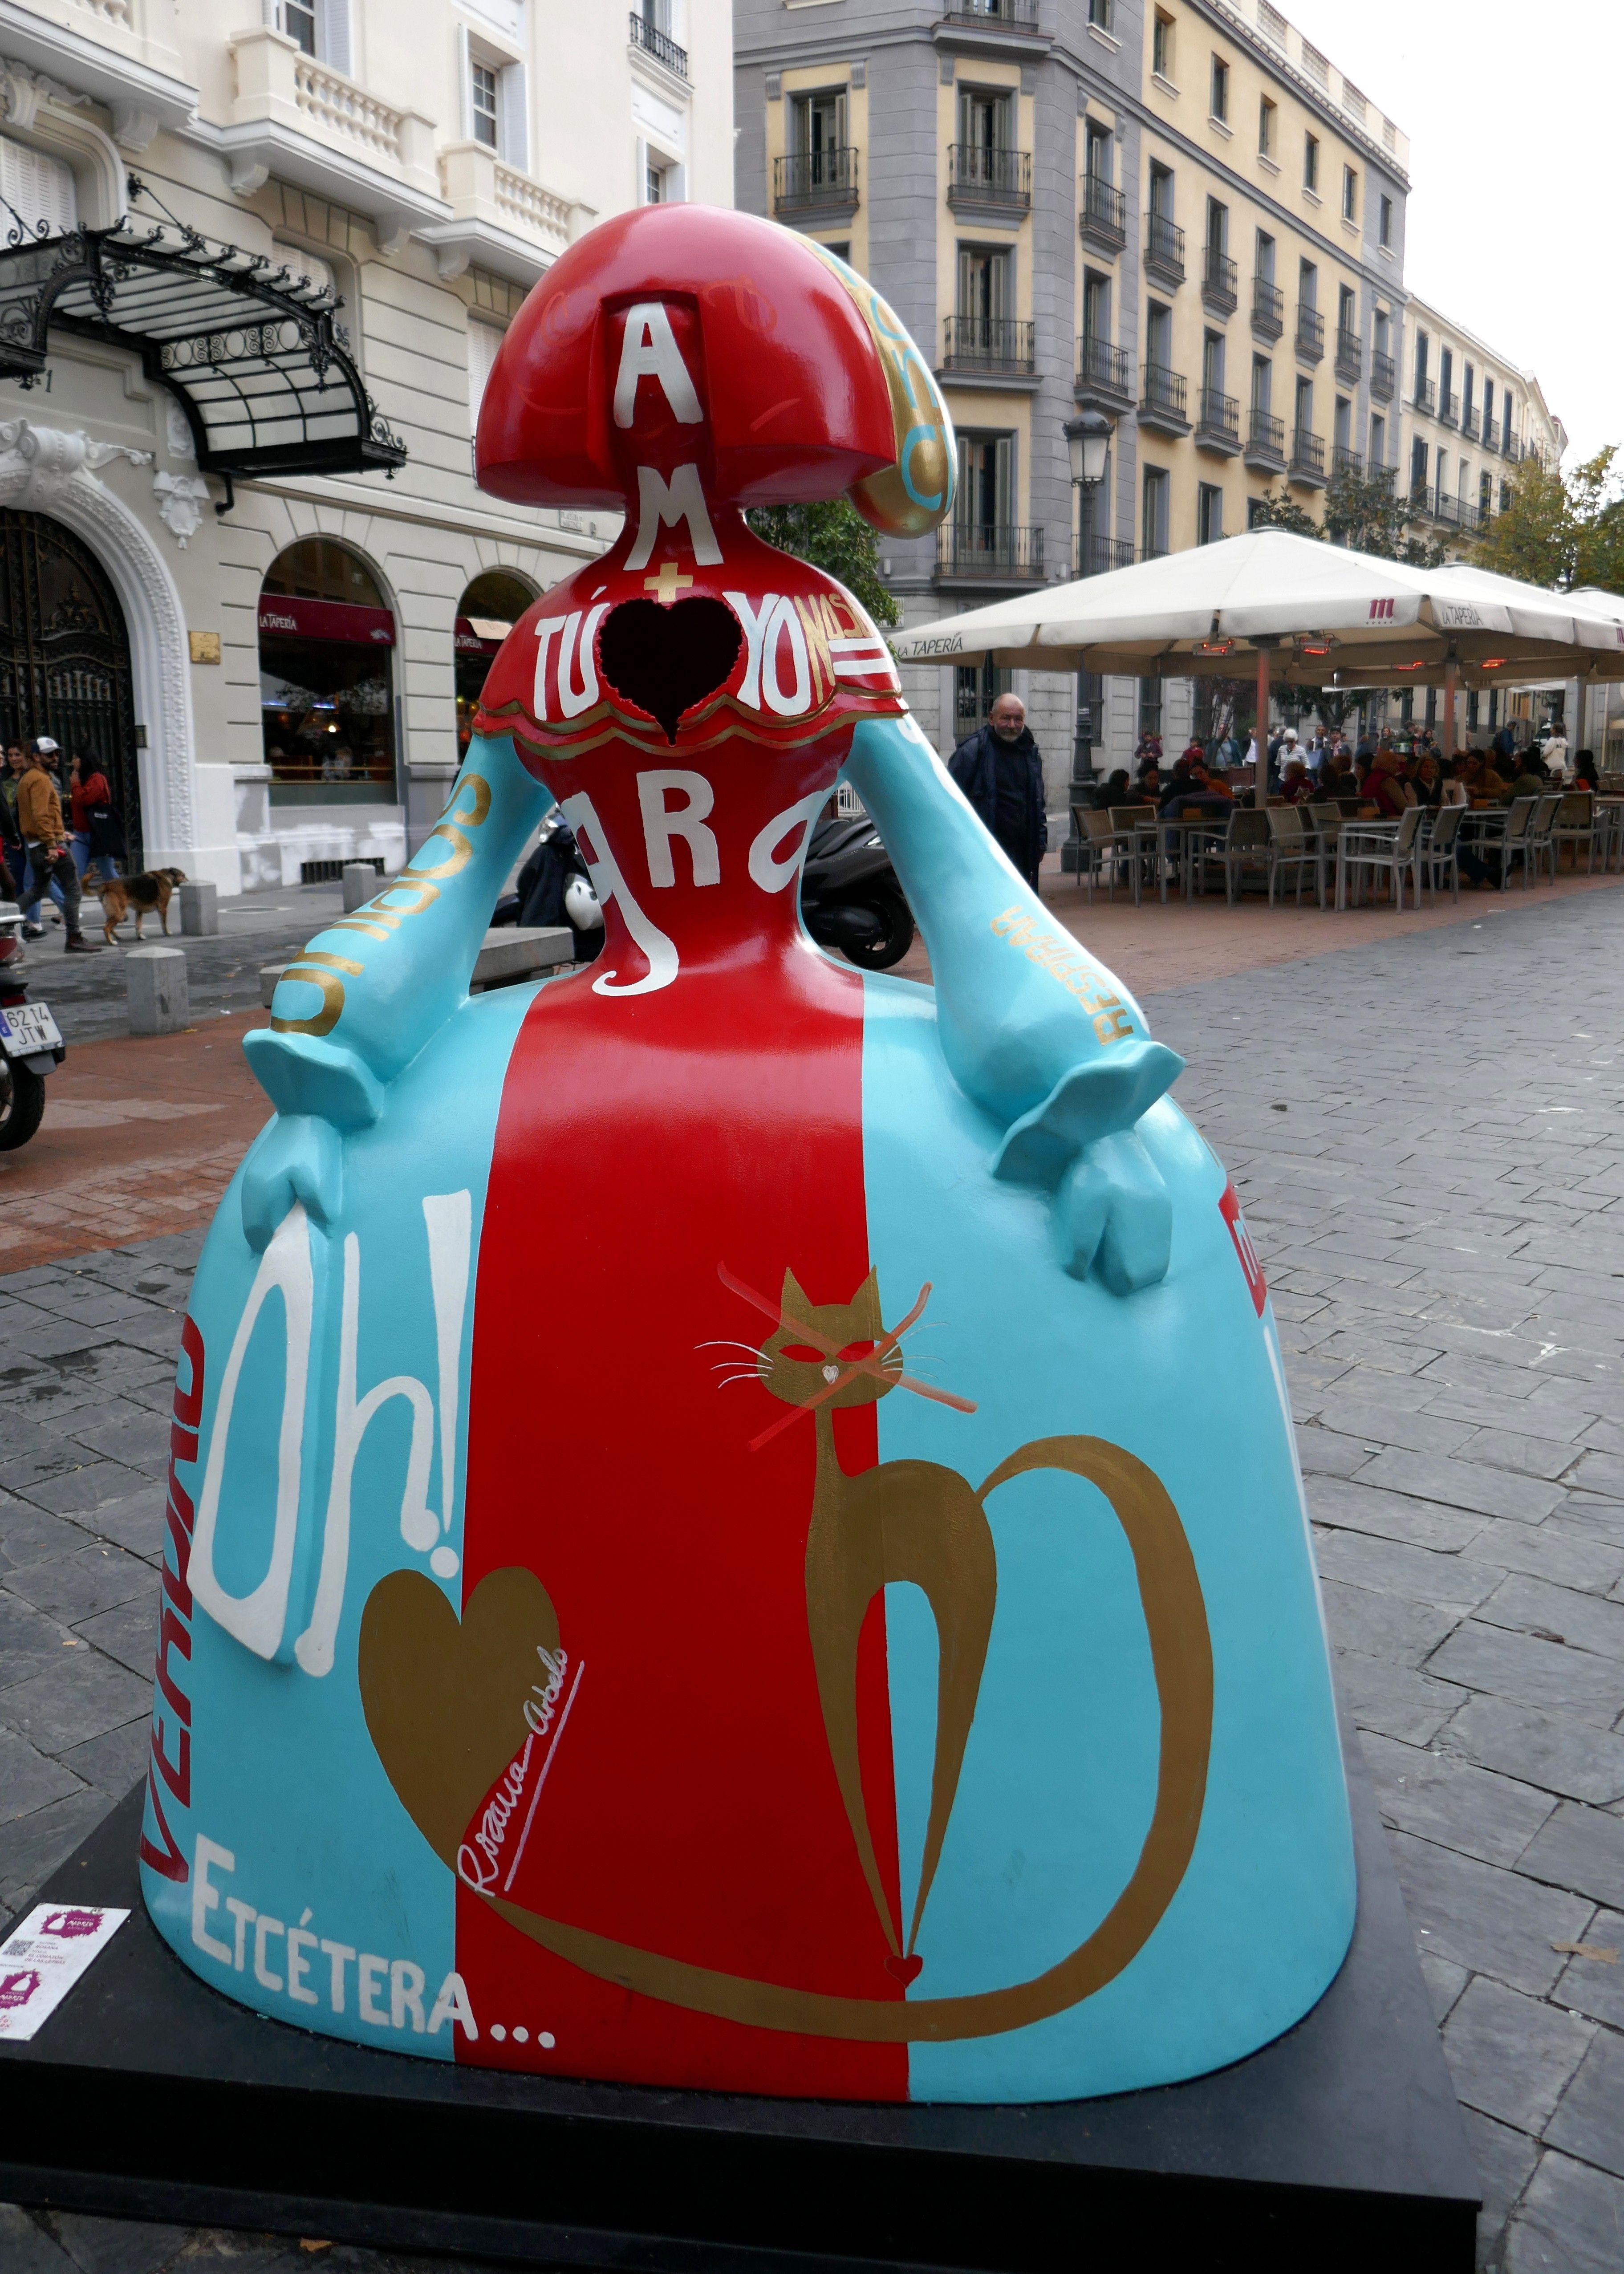 El Corazón De Las Letras Rosa Meninas Madrid Gallery Madrid Castille Espagne Street Art Public Art Art Projects